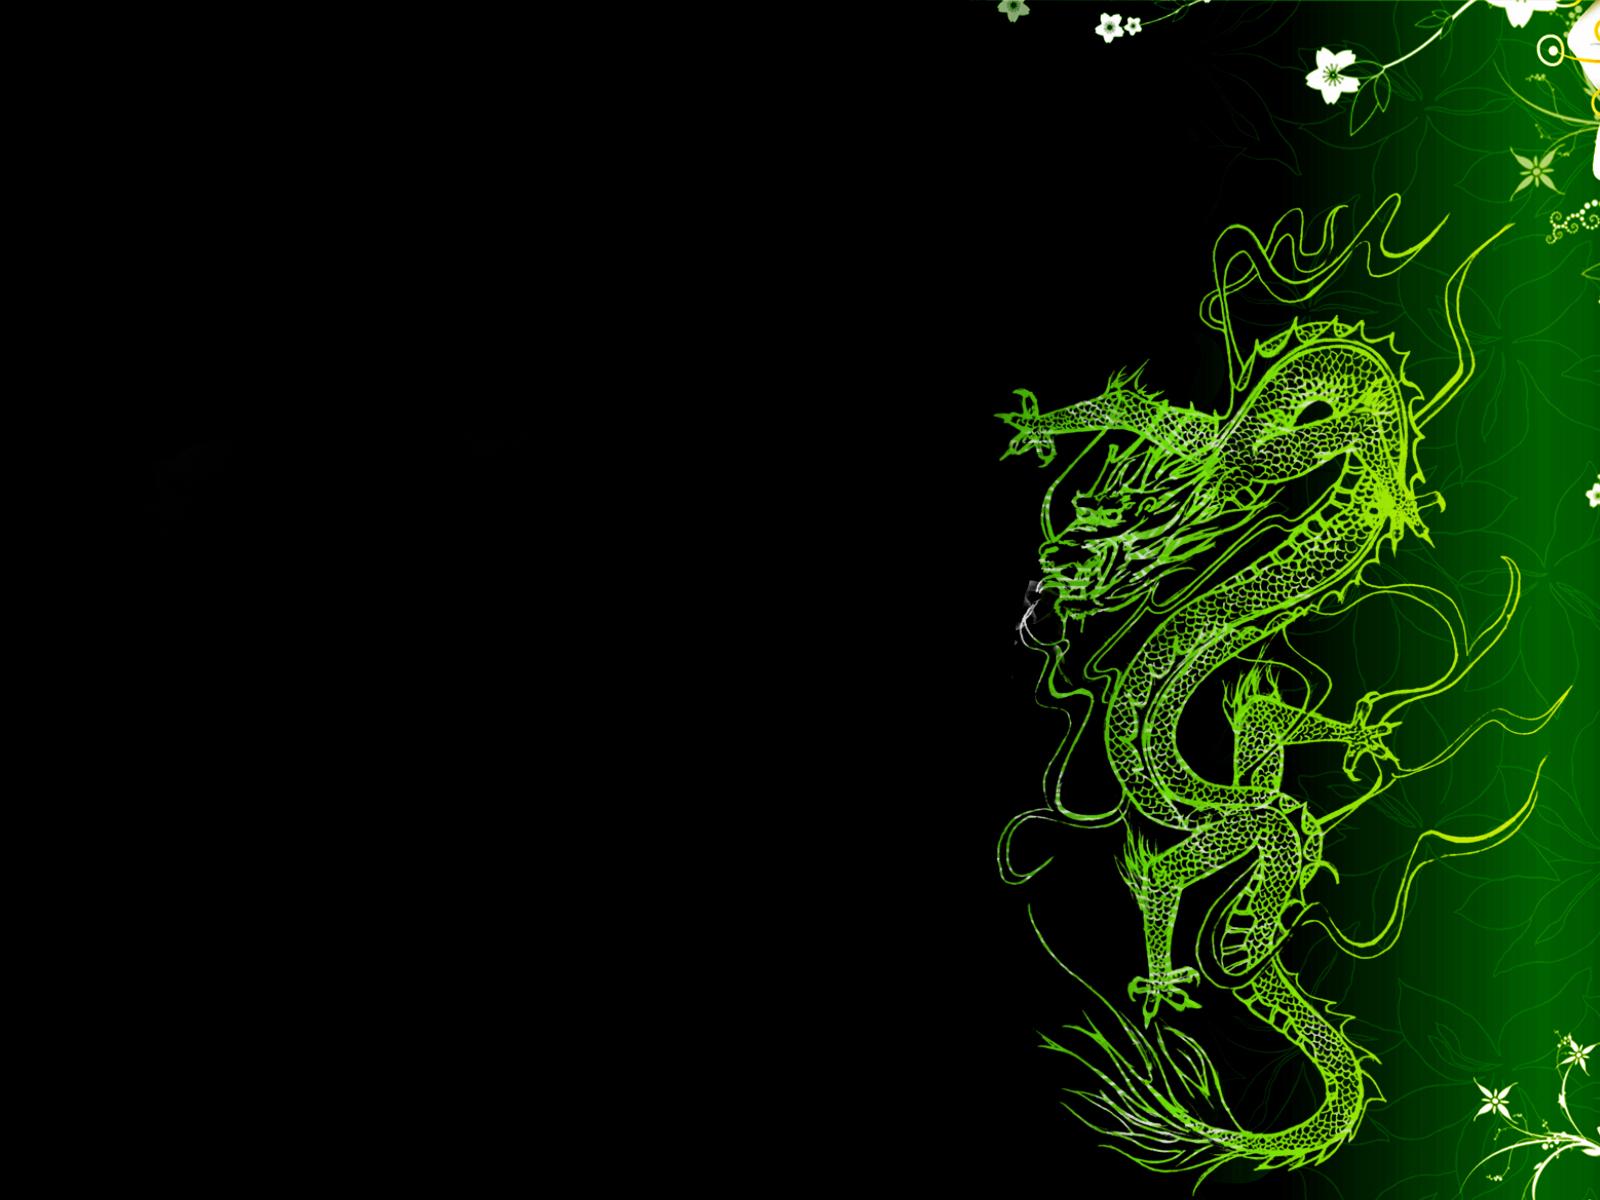 Asian Dragon wallpaper by DjDuzky 1600x1200